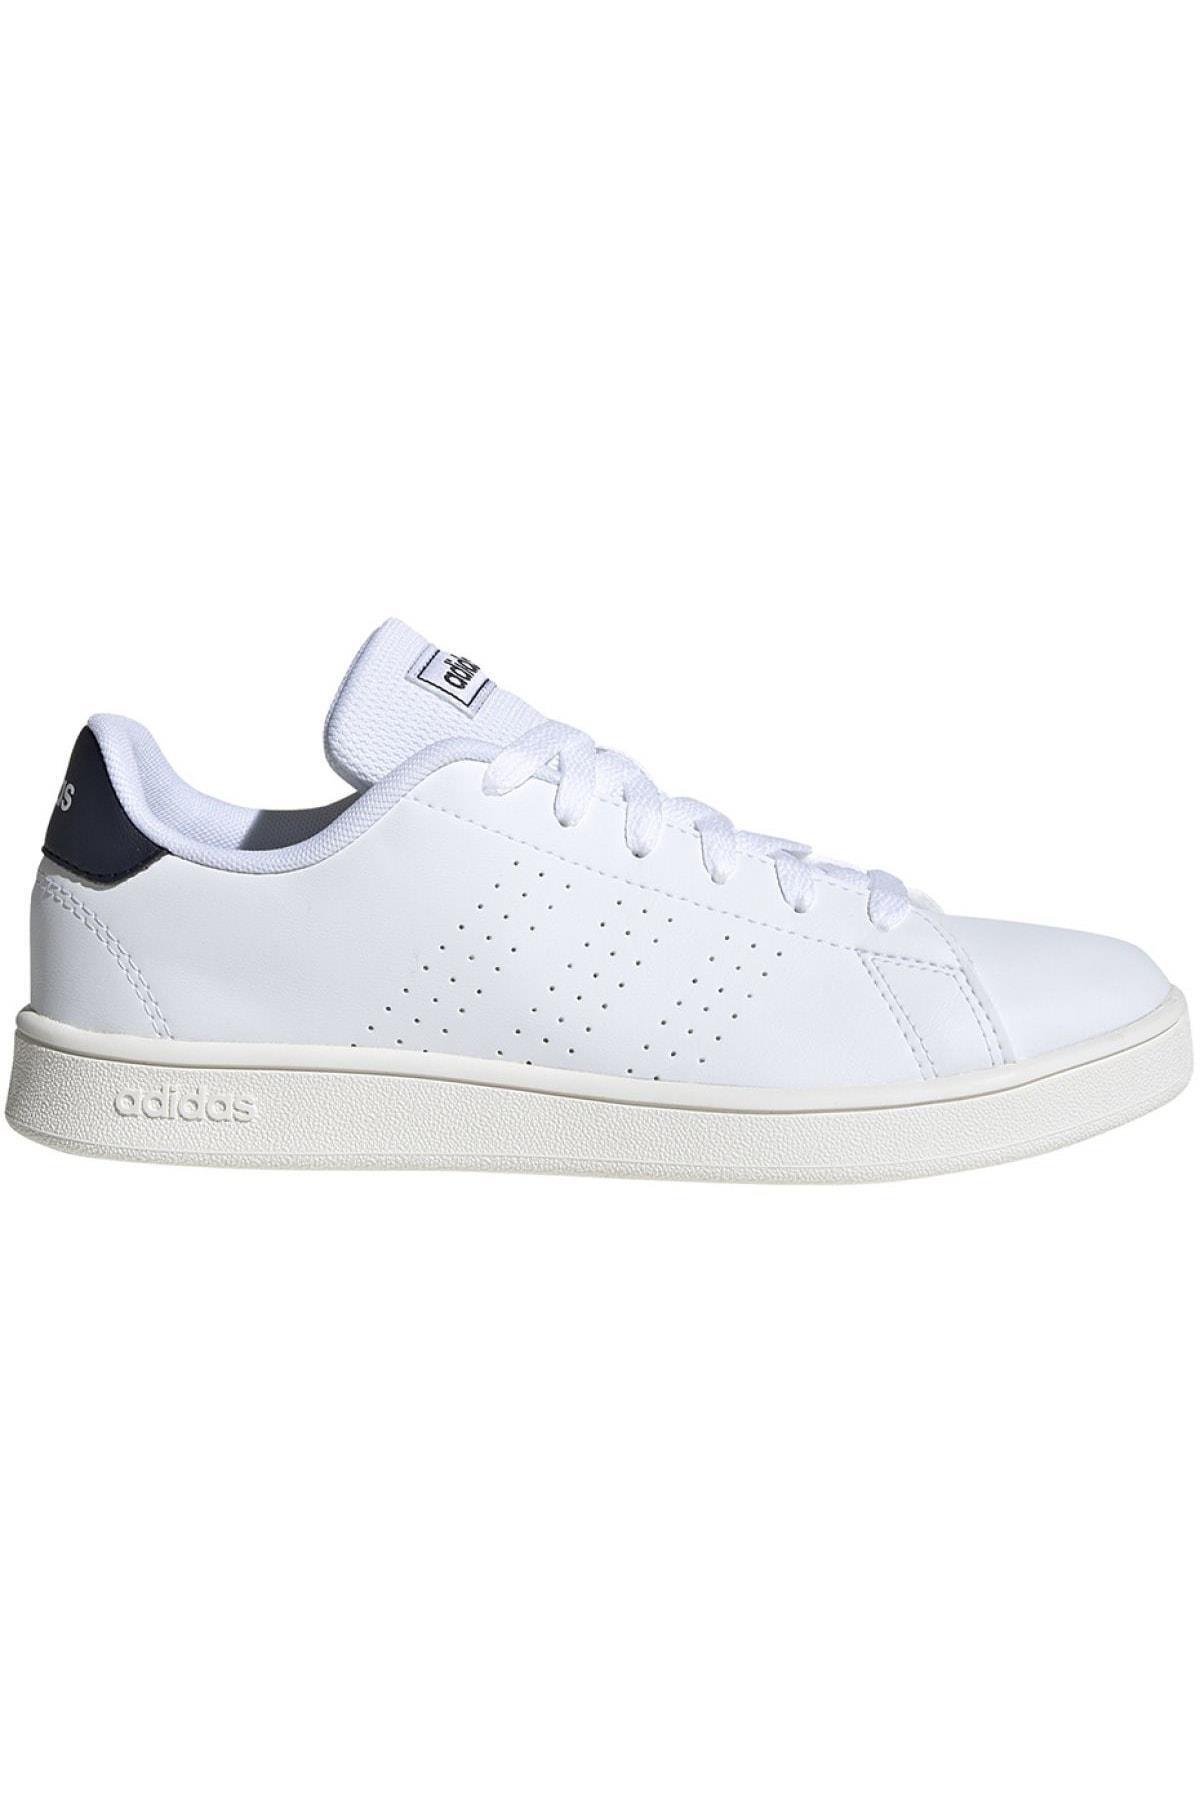 adidas Beyaz  Advantage Günlük Spor Ayakkabı Fw2588 1